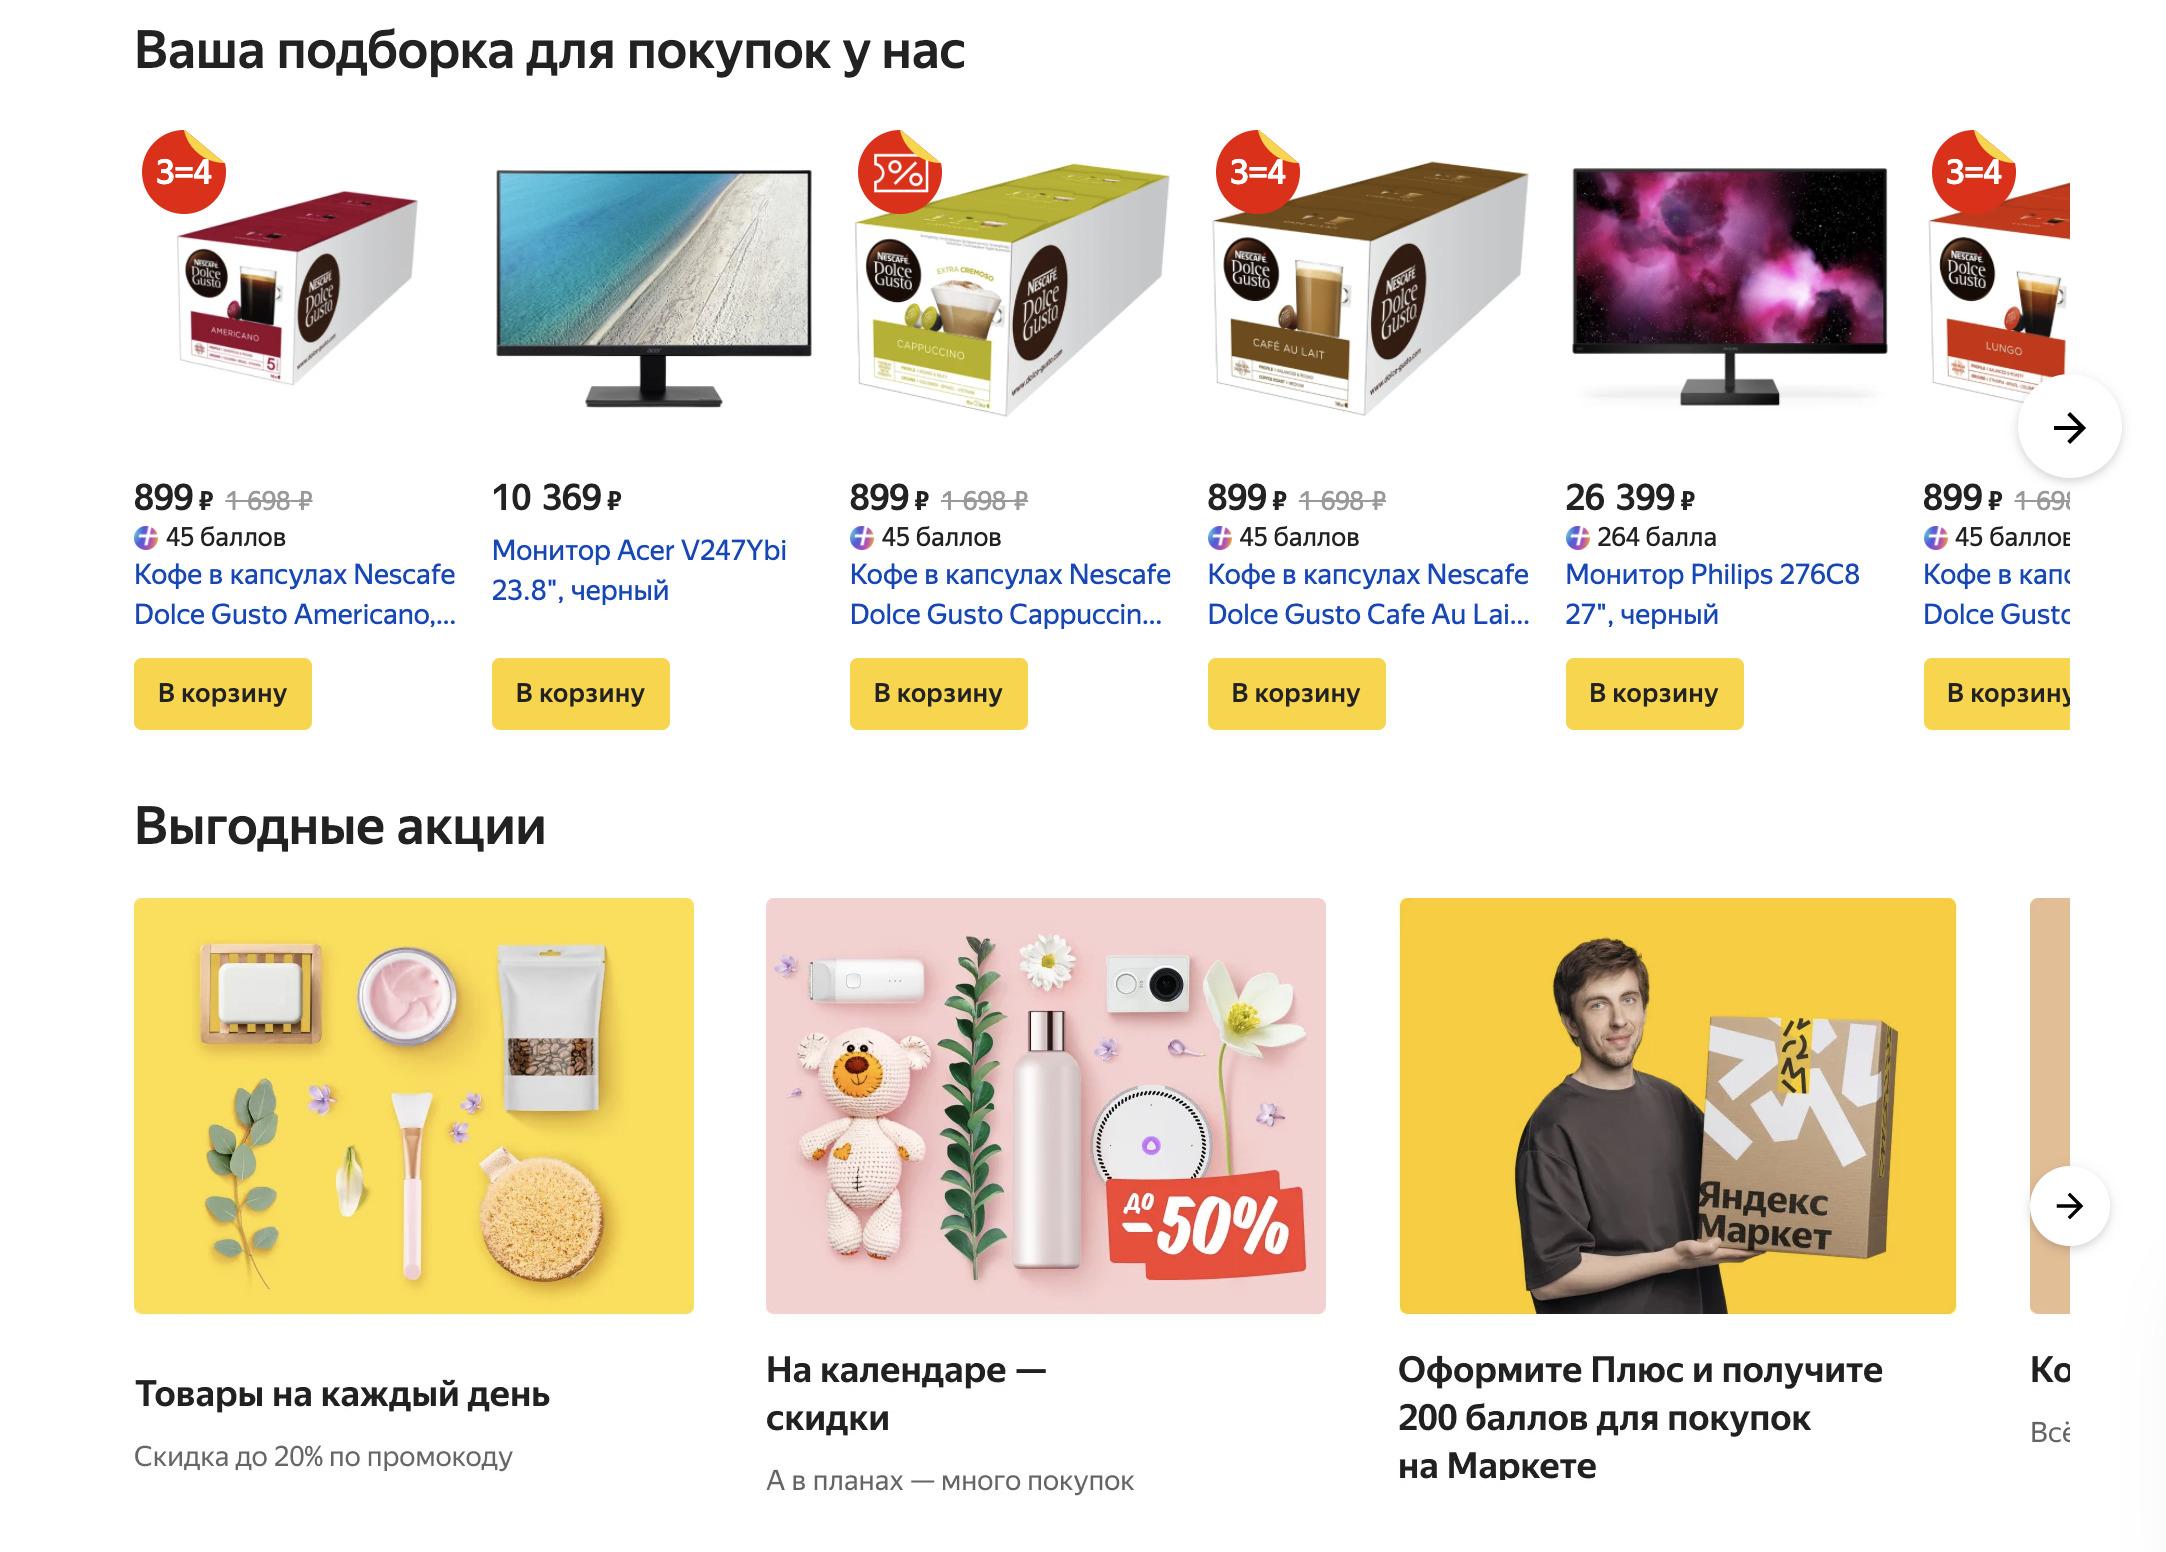 Доставка из Яндекс.Маркет в Севастополь, сроки, пункты выдачи, каталог